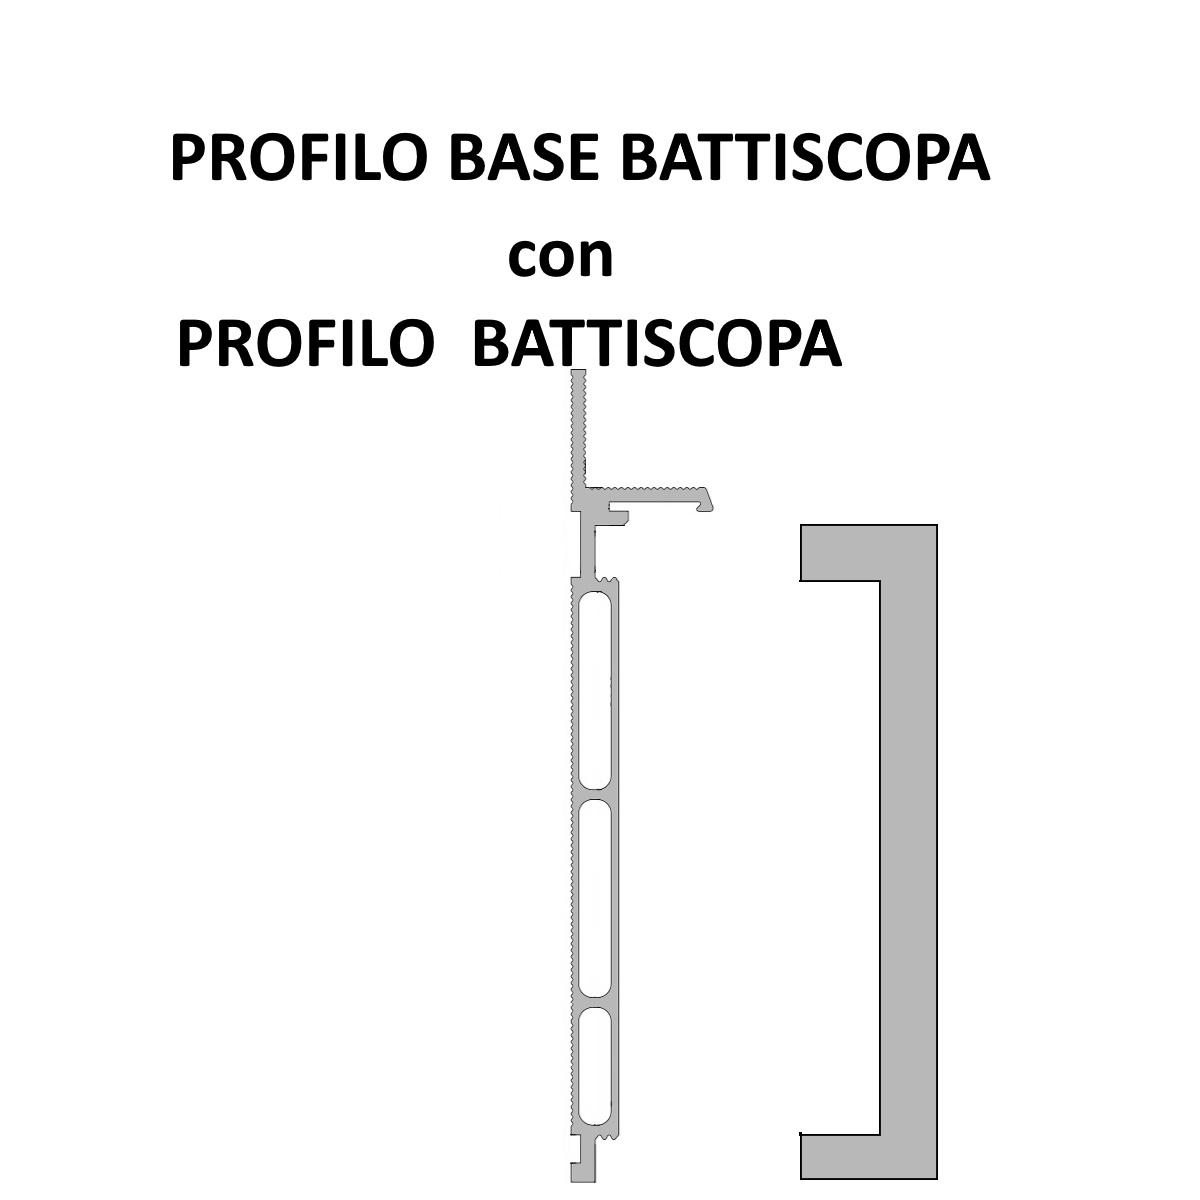 profilo base battiscopa con battiscopa